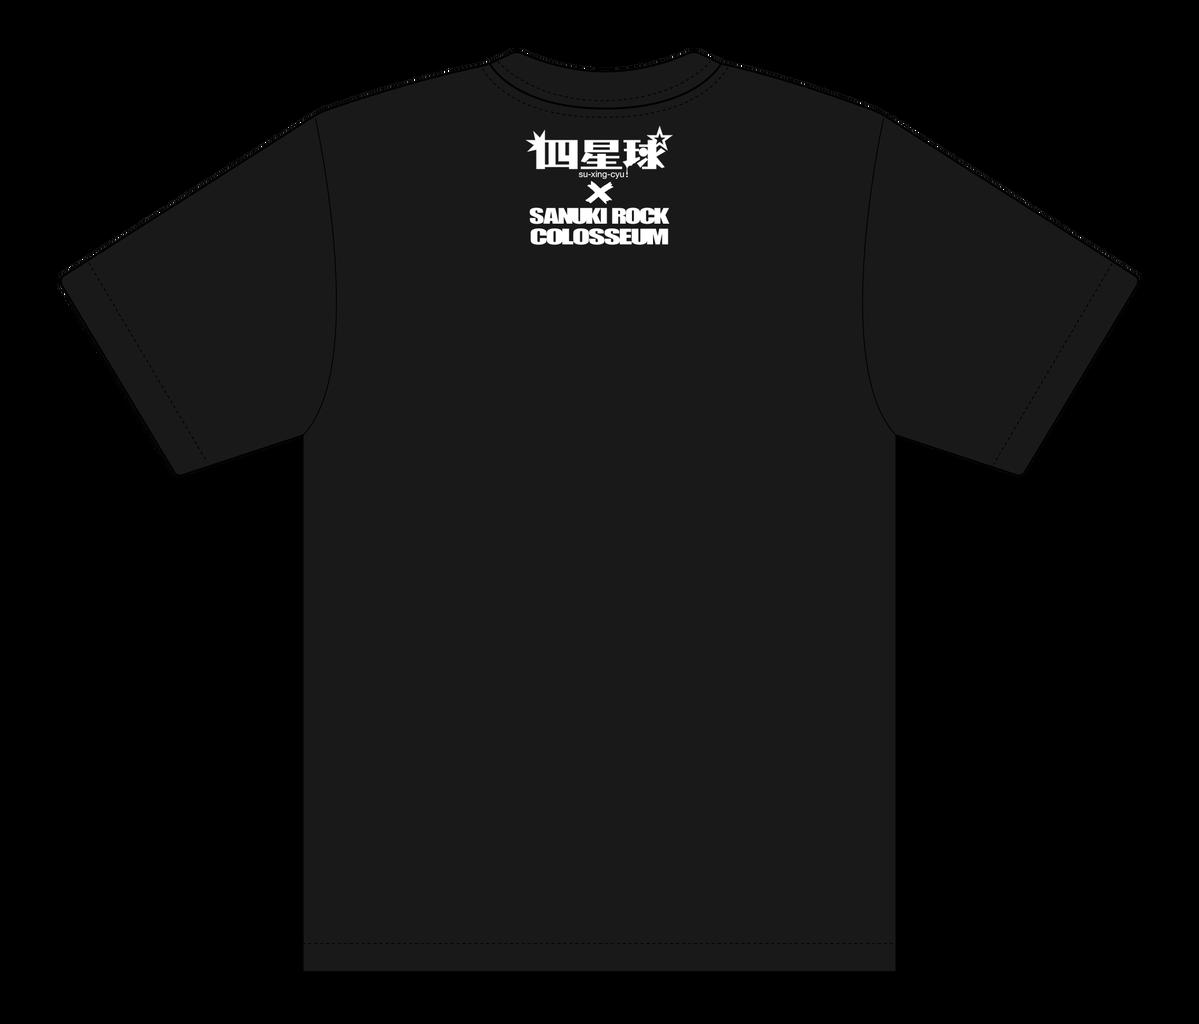 Tシャツ裏のコピー